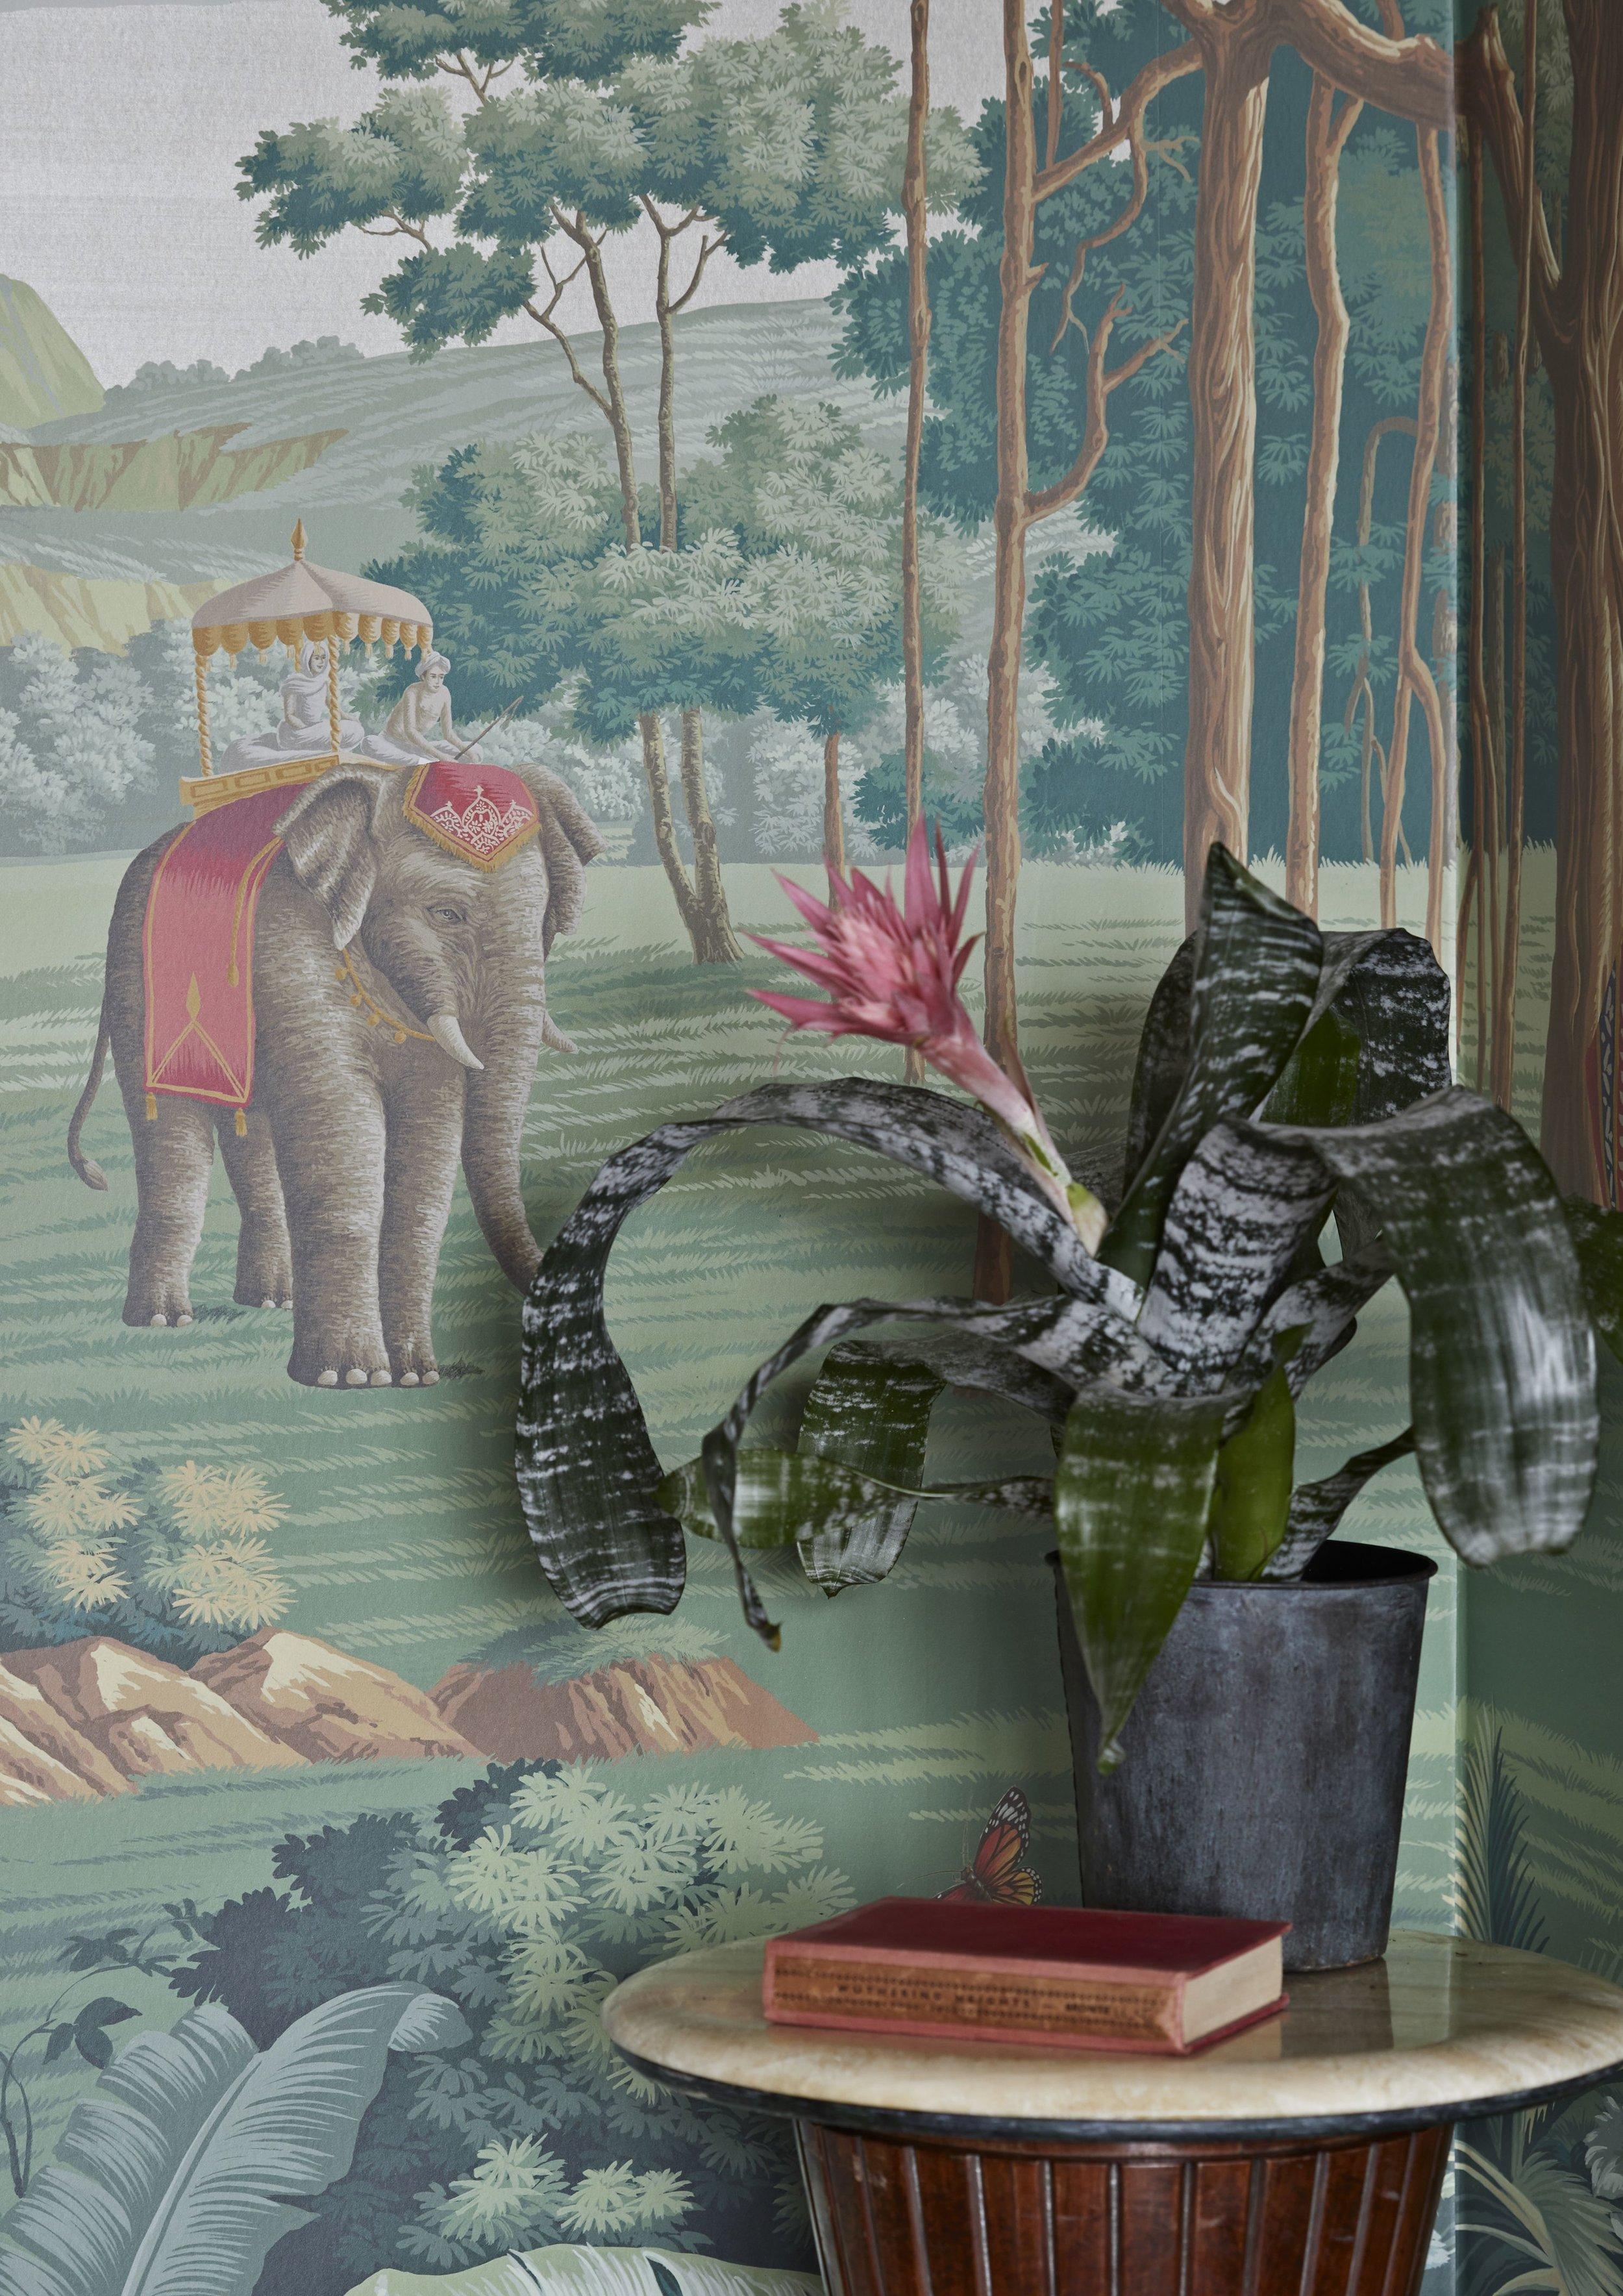 Tapéta utazás - Mi nagyon szeretjük a mintás, teljes jelenteket vagy tájképeket ábrázoló tapéta falakat, több száz minta és szín közül választhatsz luxus selyemtapéta kollekcióink közül!